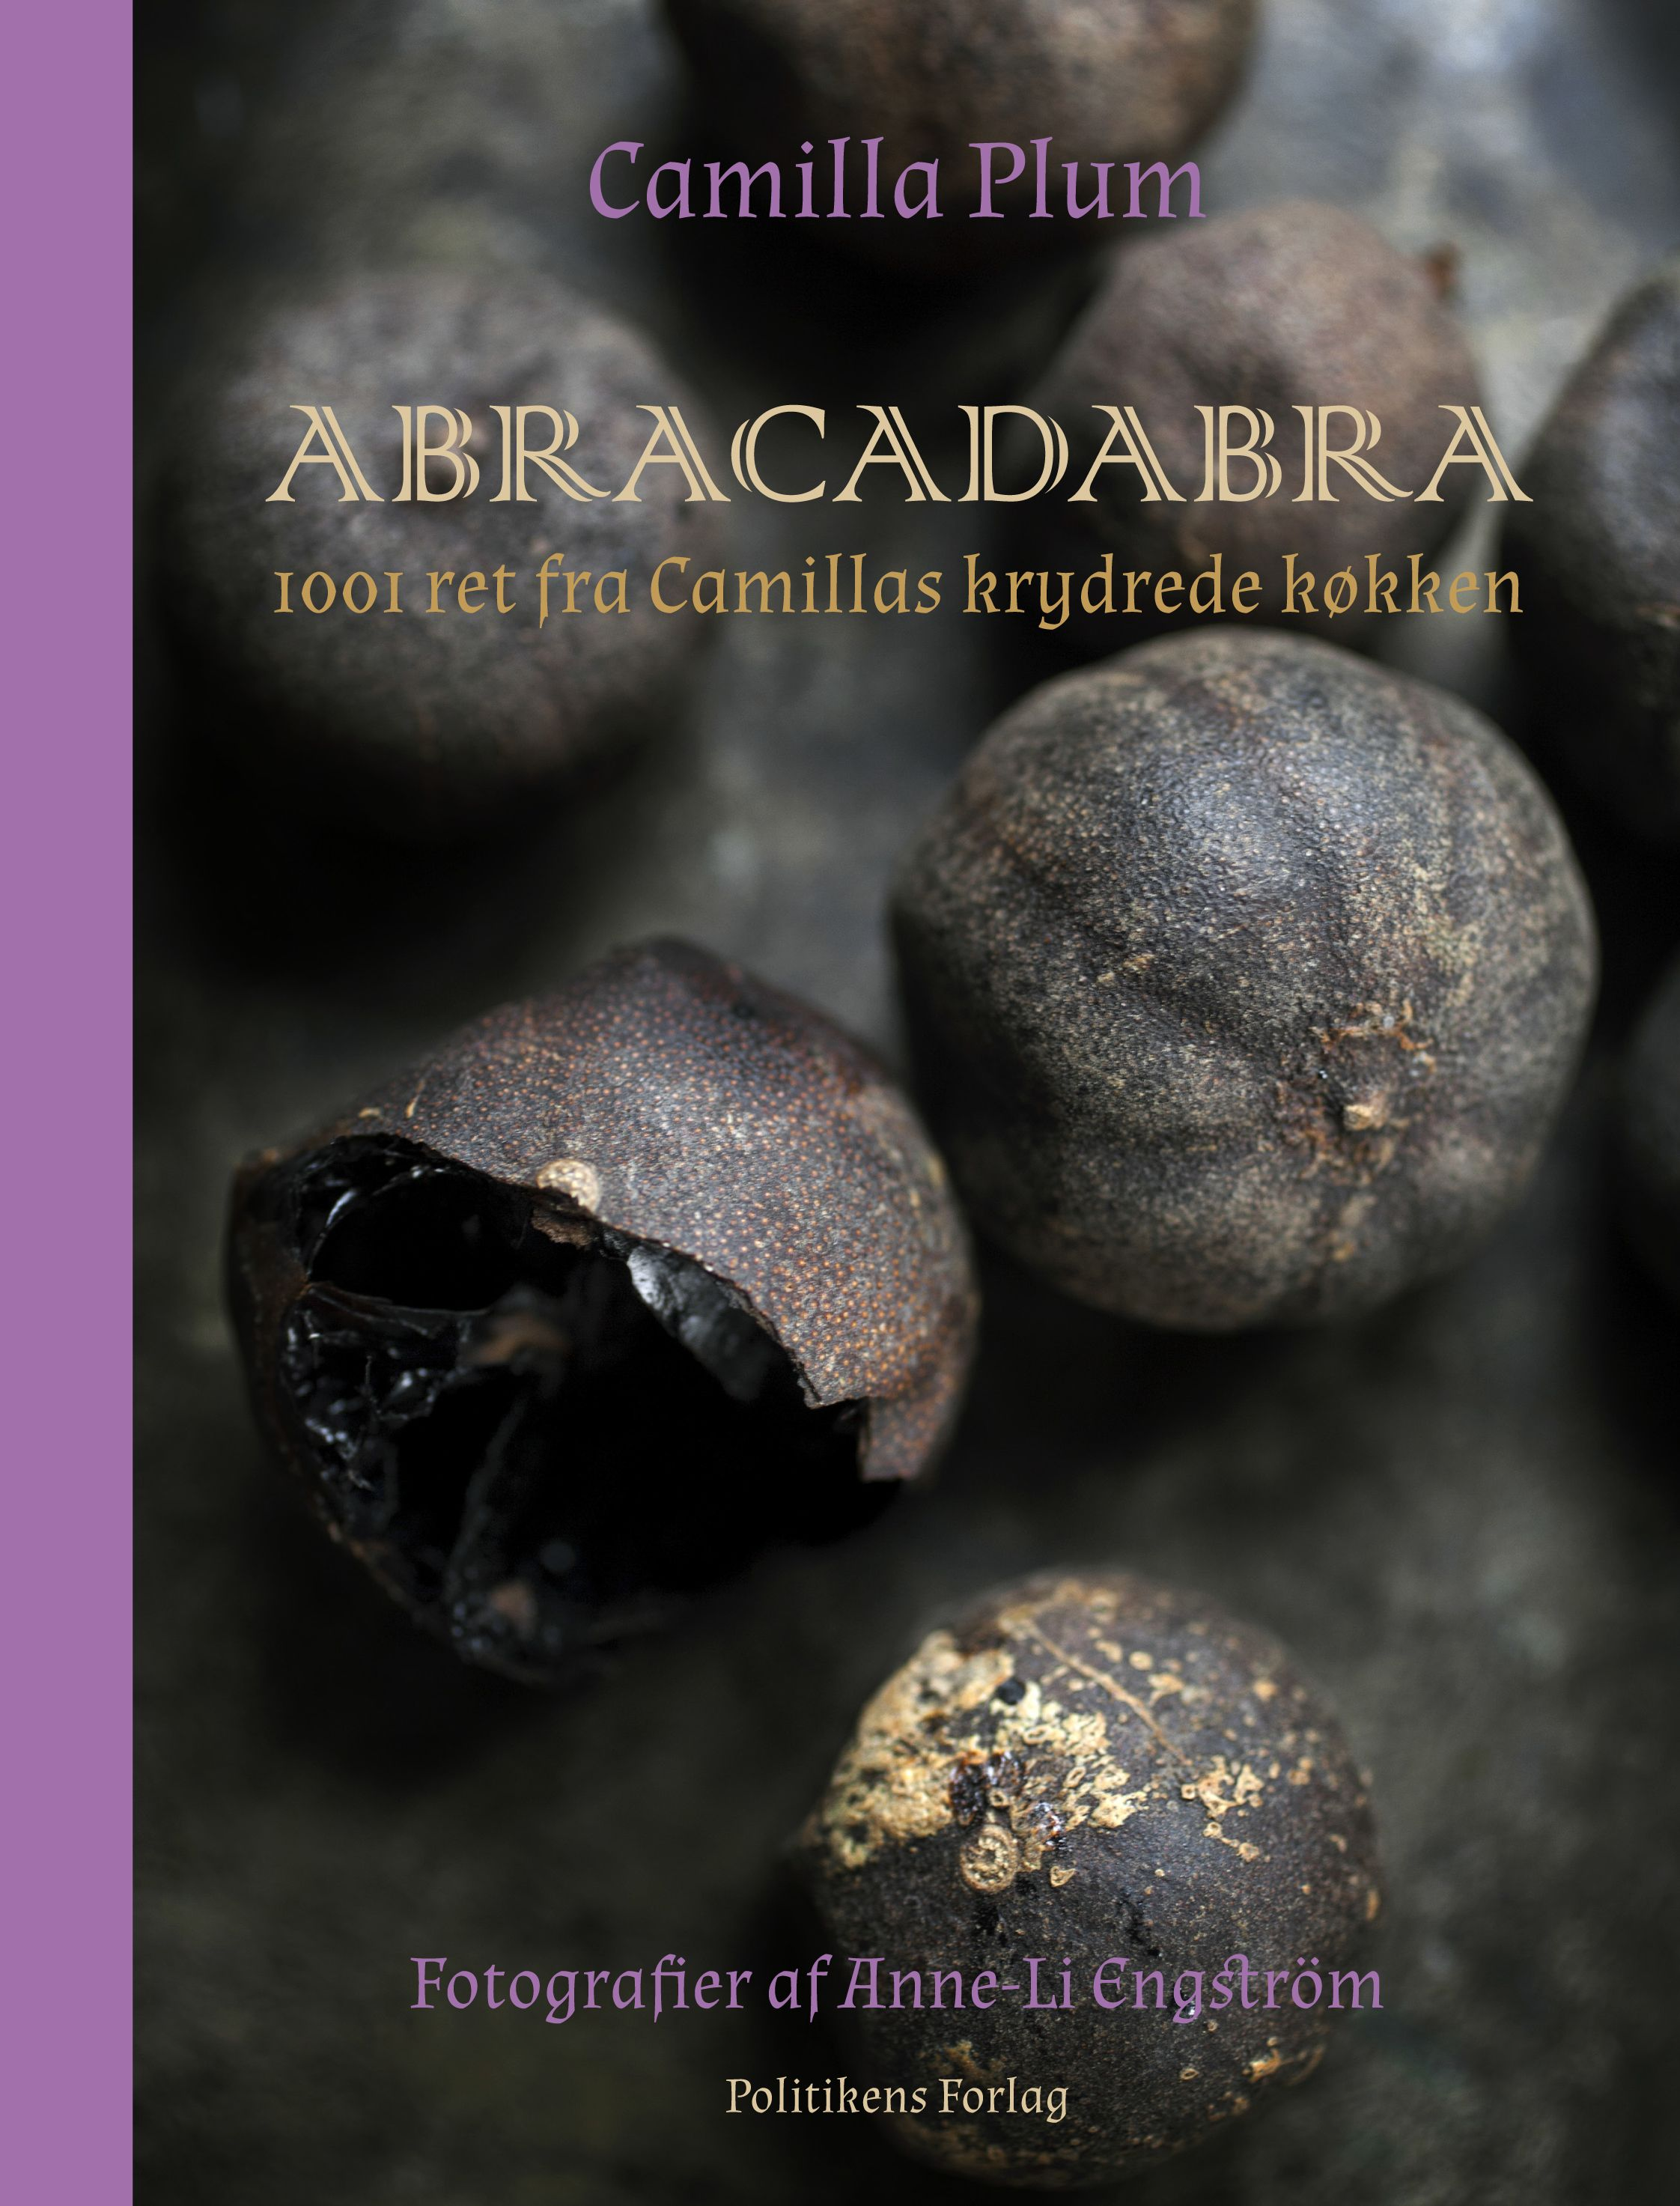 En god opskrift er som en trylleformular af krydderier. Her får du historien om alt fra kanel, koriander og vaniljestænger fra tropiske orkideer, som vokser på øer i Sydhavet - til sukker fra Lolland og Caribien og safran fra de afghanske højsletter. Bogen handler om kulturhistorien, men er samtidig en let tilgængelig og praktisk håndbog om, hvordan de enkelte krydderier bruges, hvad der passer sammen, og hvordan man bruger dem til at kaste tryllestøv over sin daglige mad.